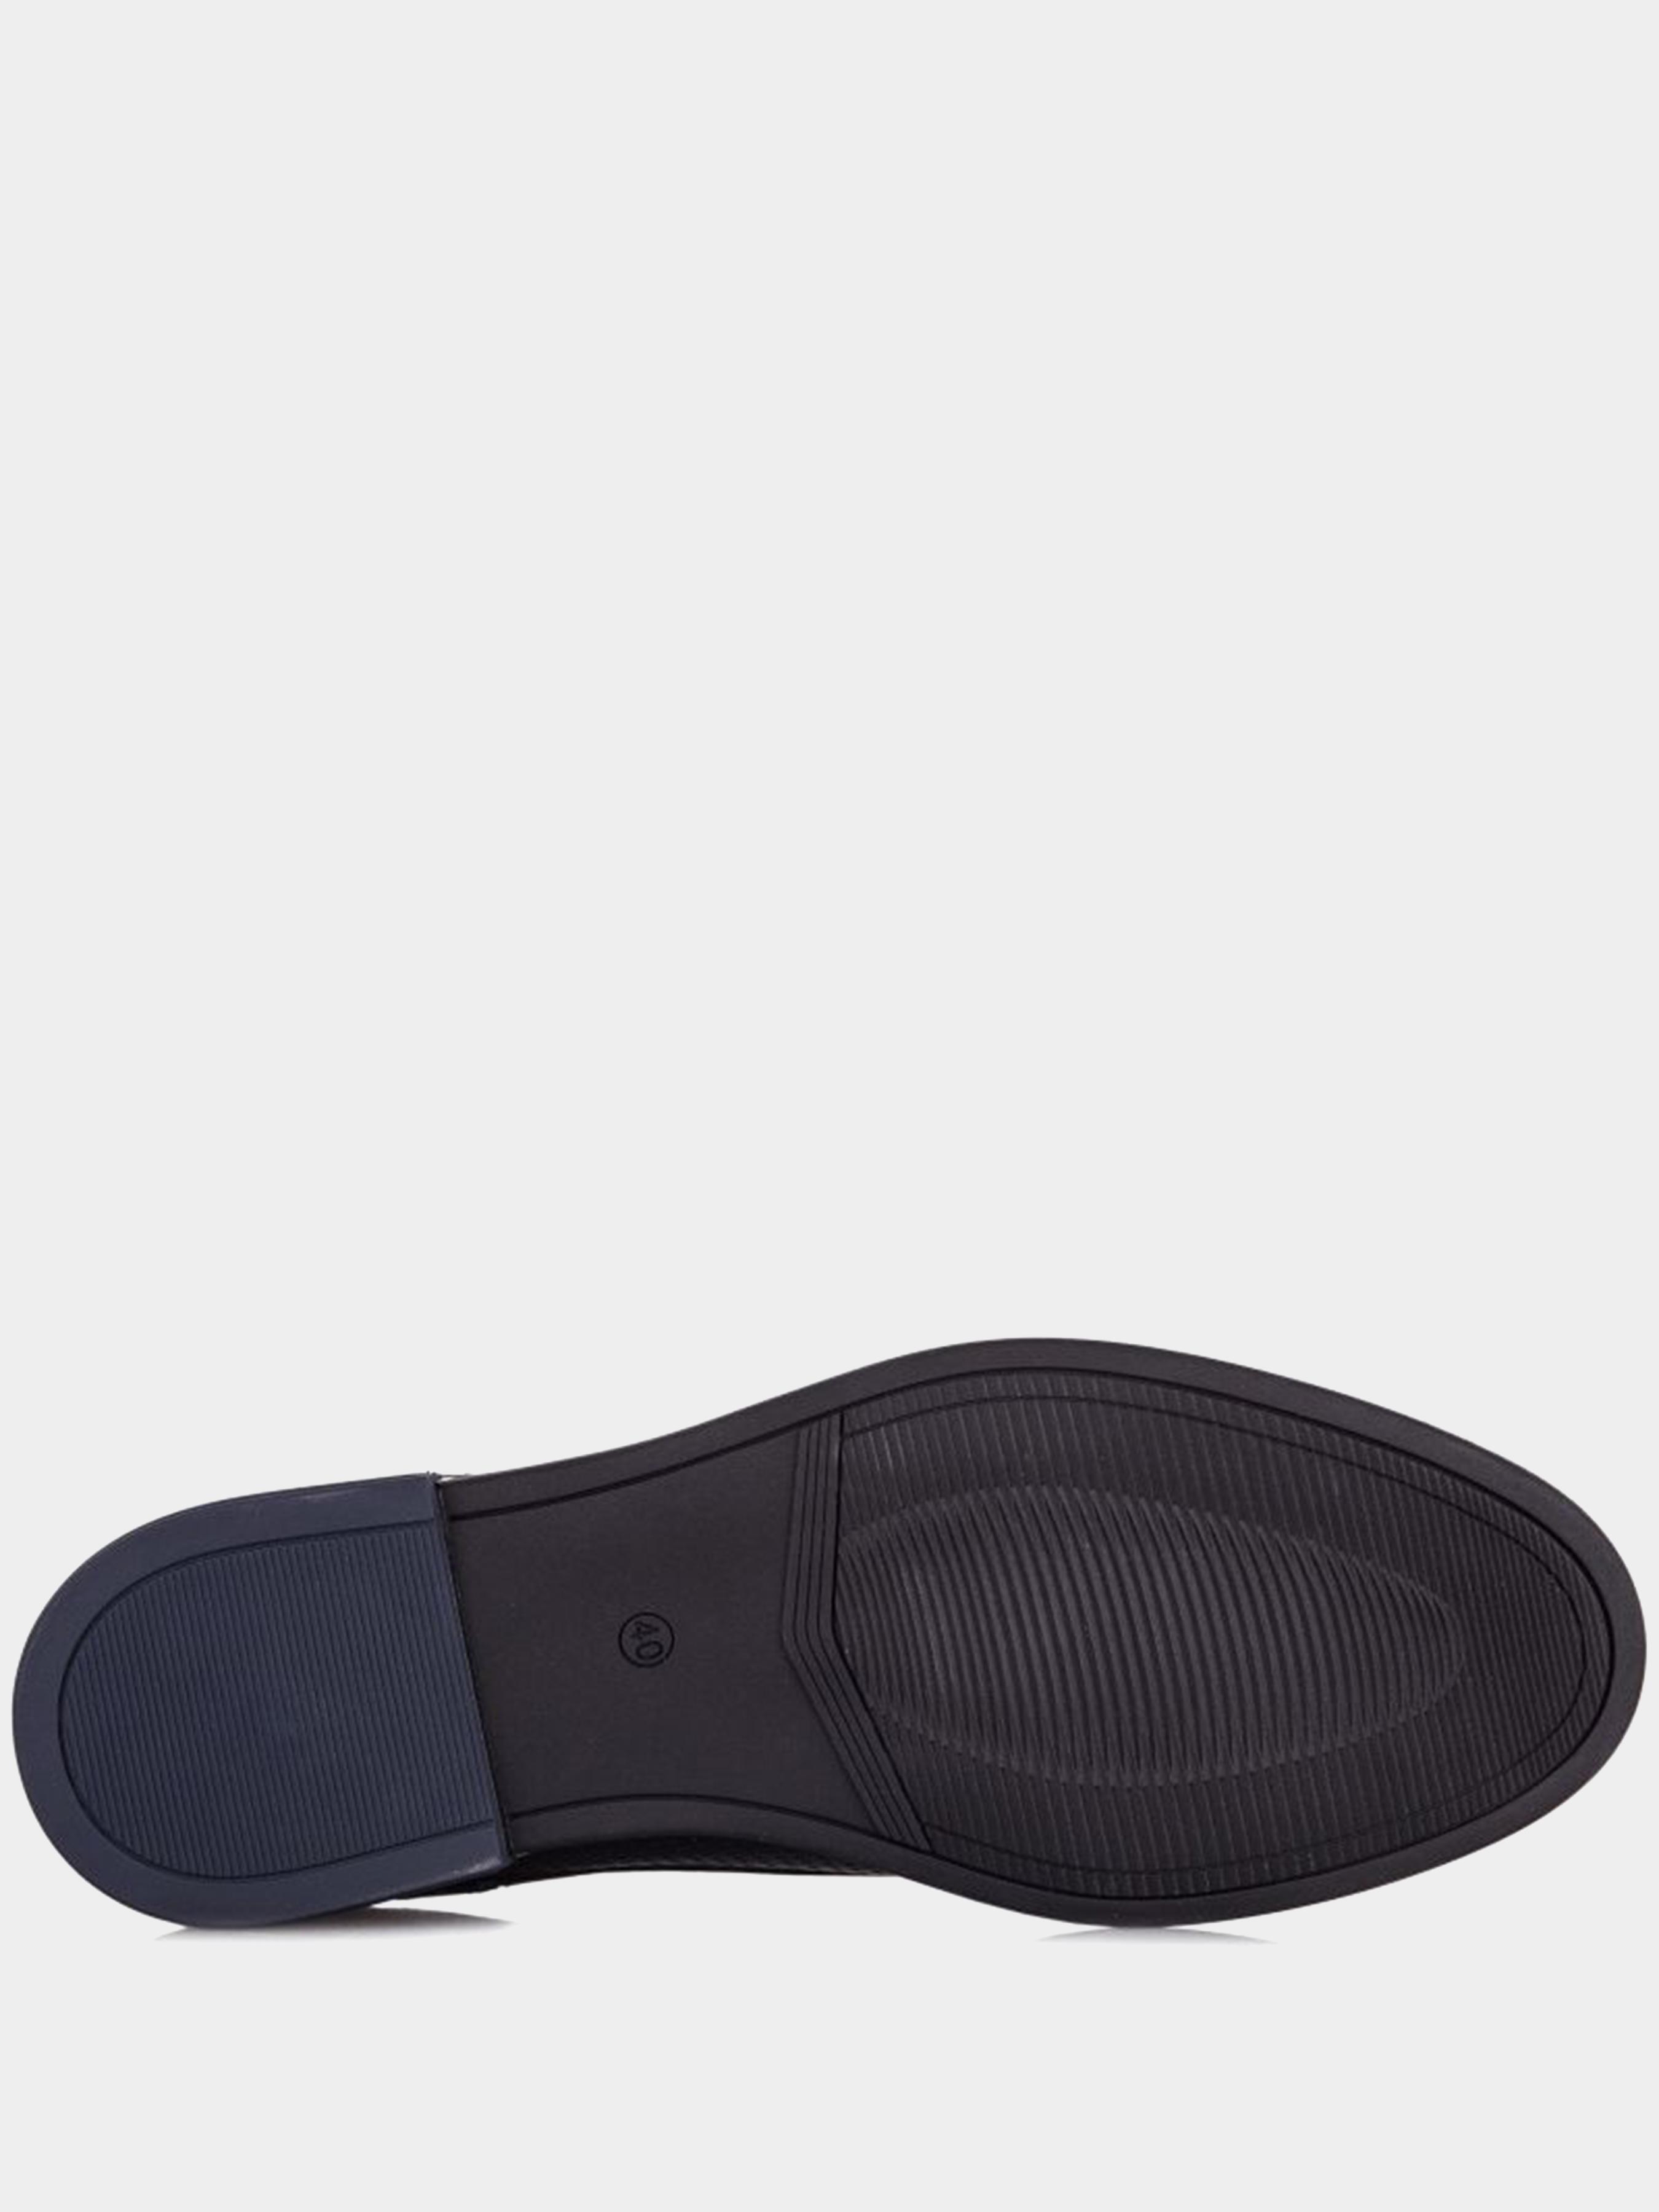 Напівчеревики  чоловічі Braska 8B108 модне взуття, 2017